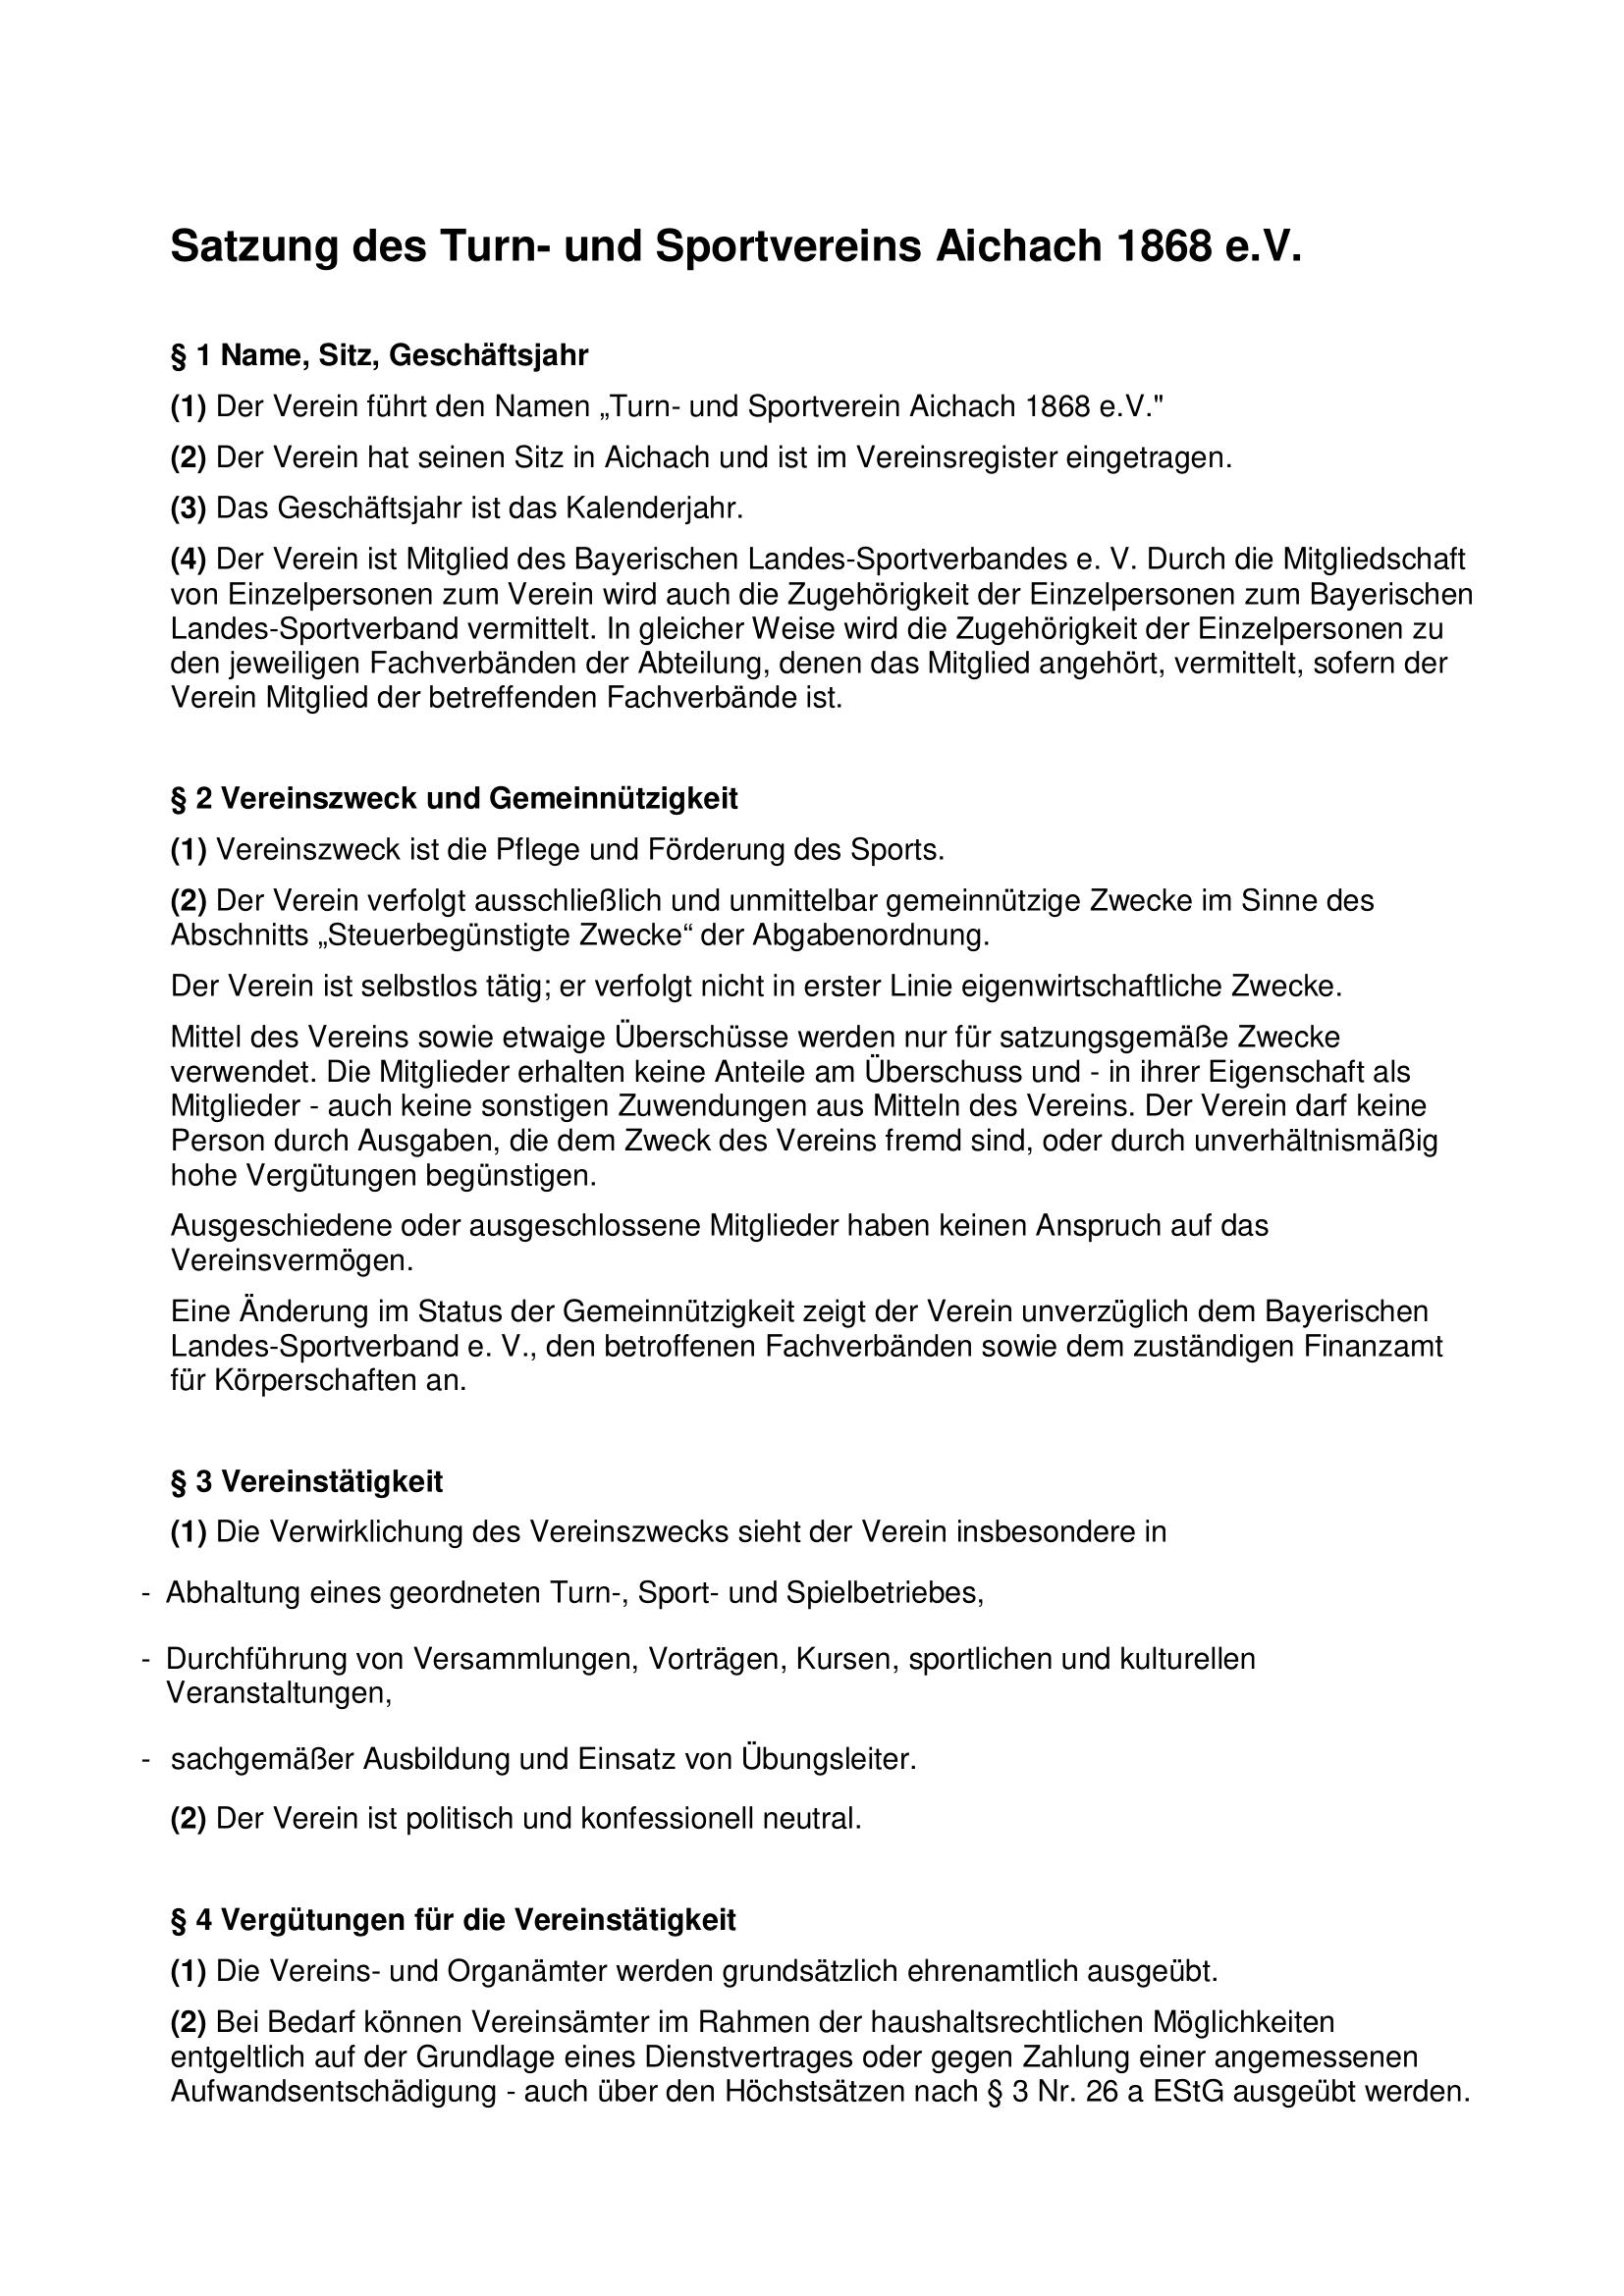 TSV_Satzung-1